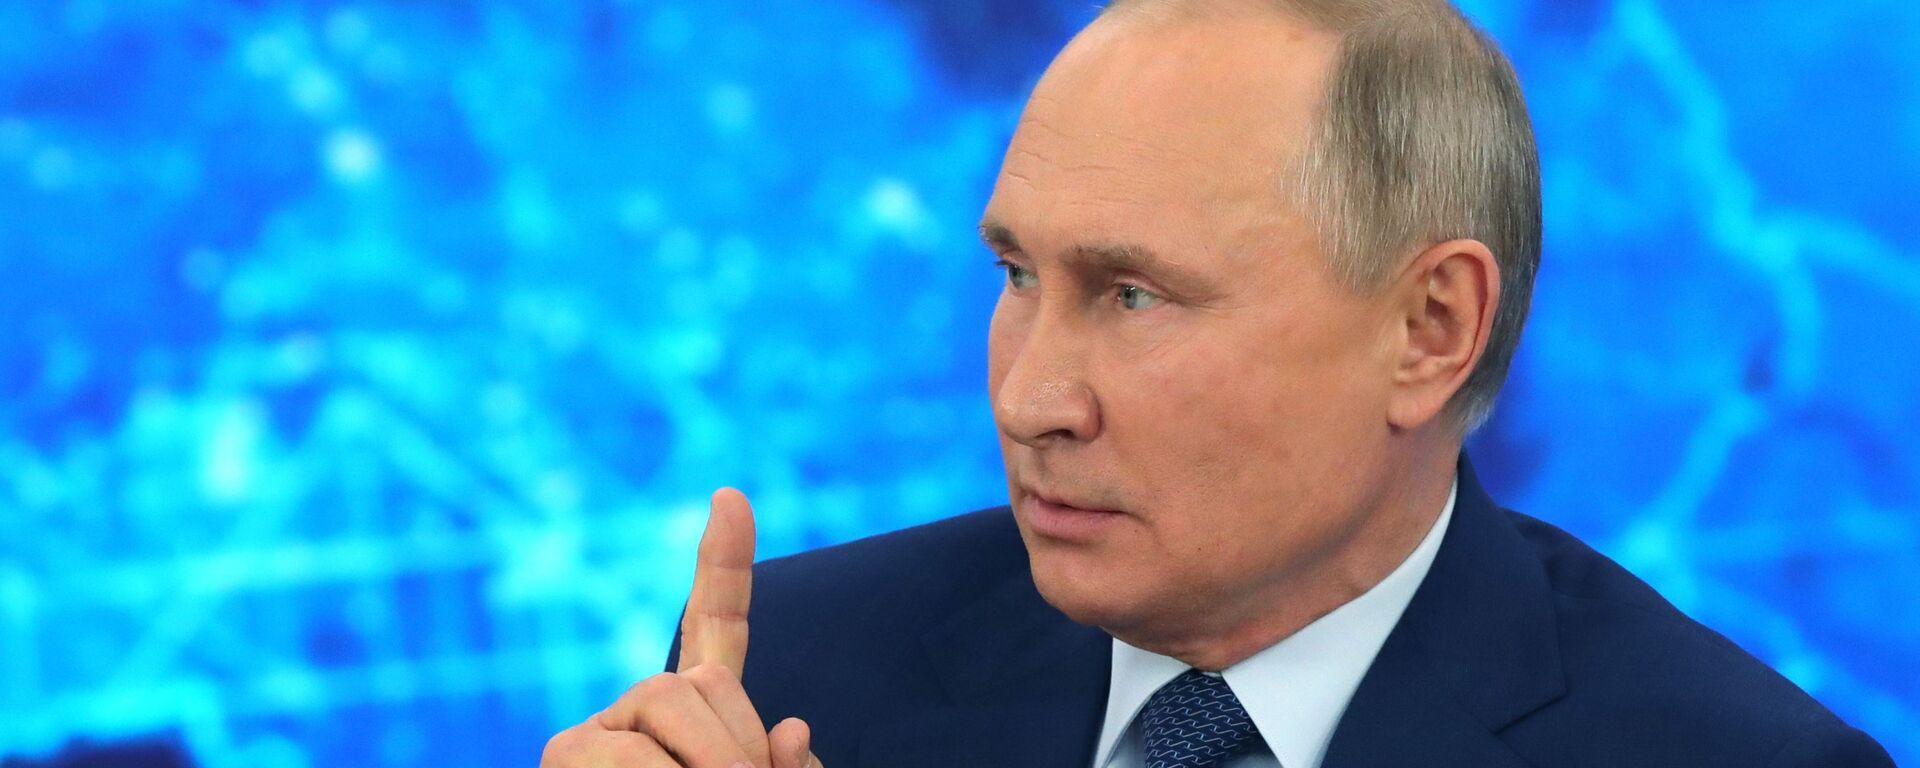 La gran rueda de prensa anual del presidente ruso, Vladímir Putin - Sputnik Mundo, 1920, 20.05.2021